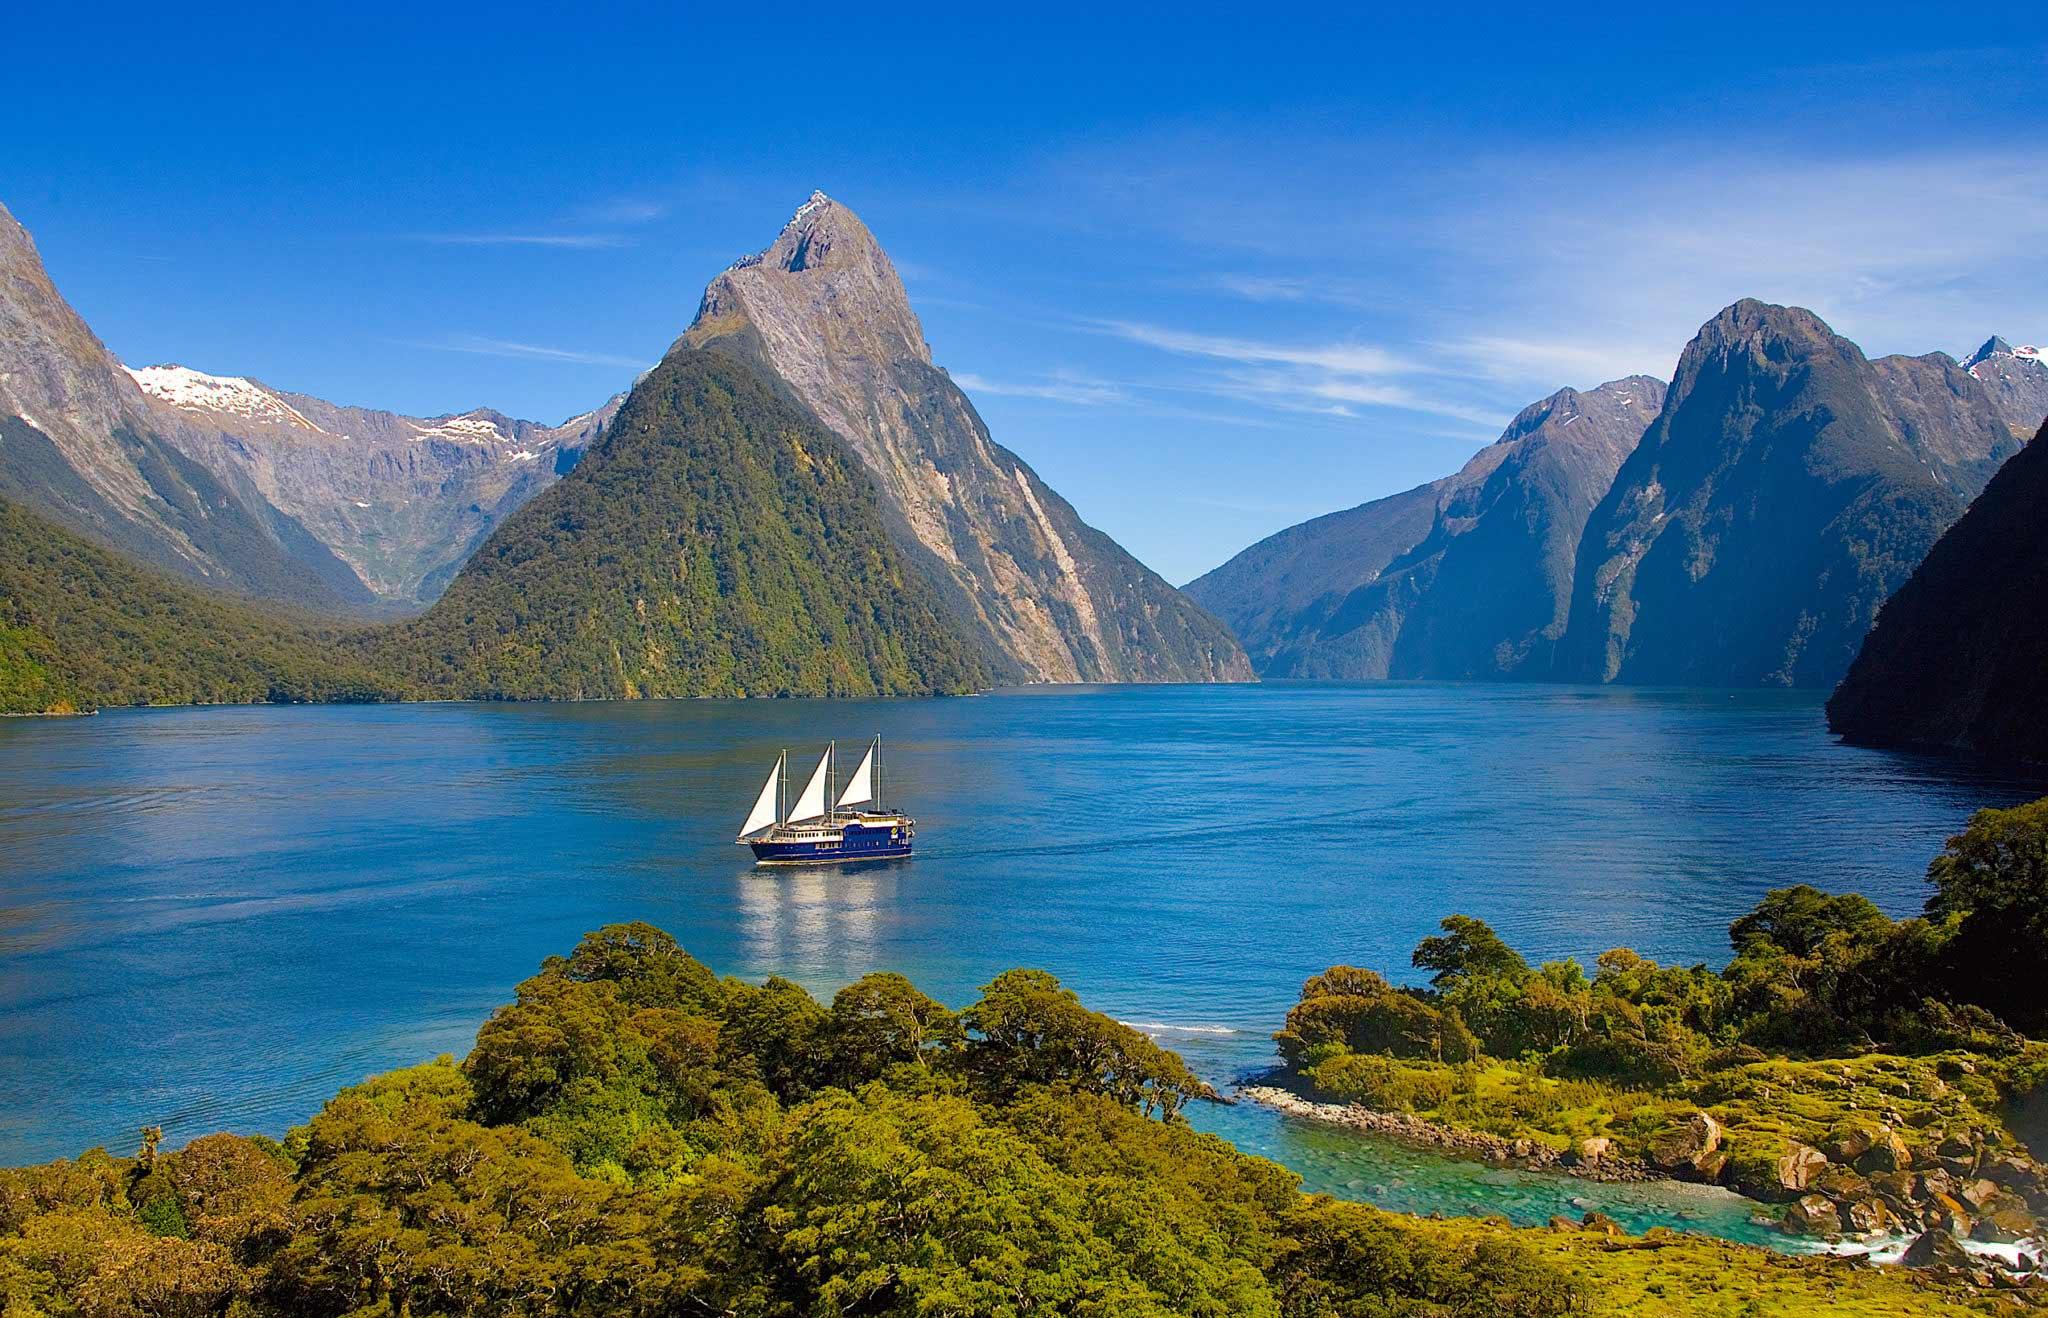 Тур в Новую Зеландию на Фьорд Милфорд-Саунд